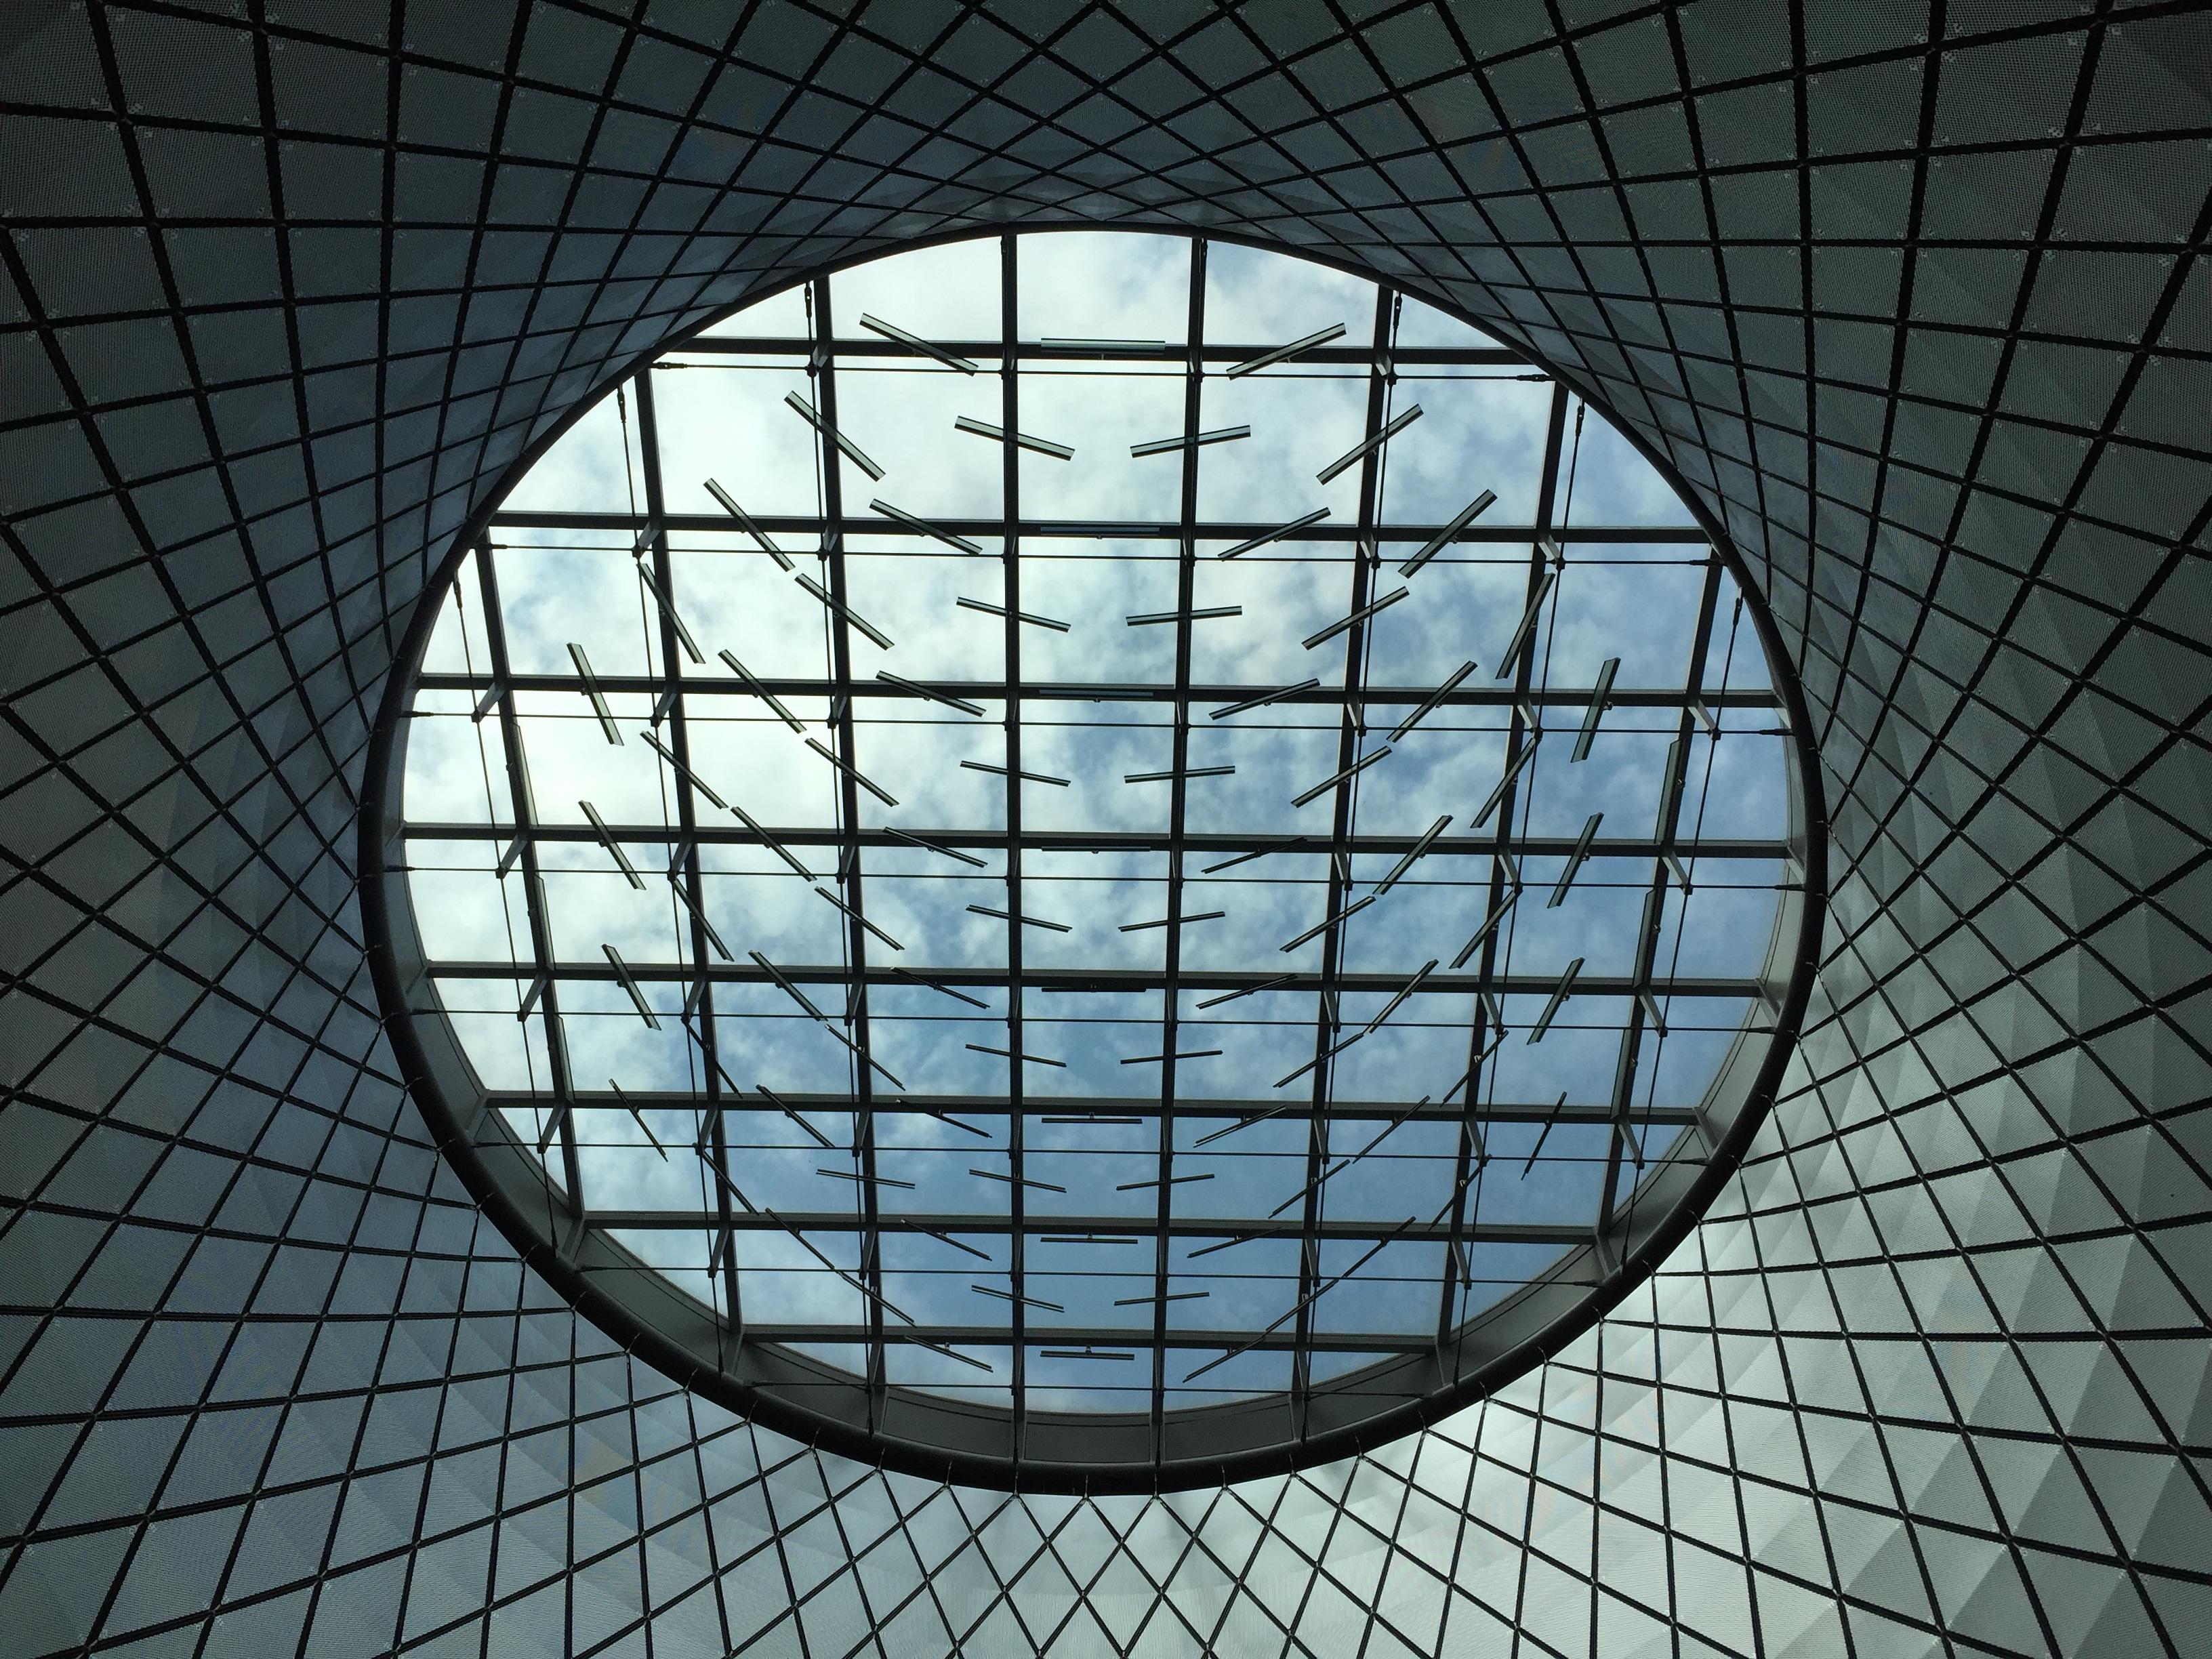 images gratuites   lumi u00e8re  architecture  fen u00eatre  verre  plafond  ligne  r u00e9flexion  bleu